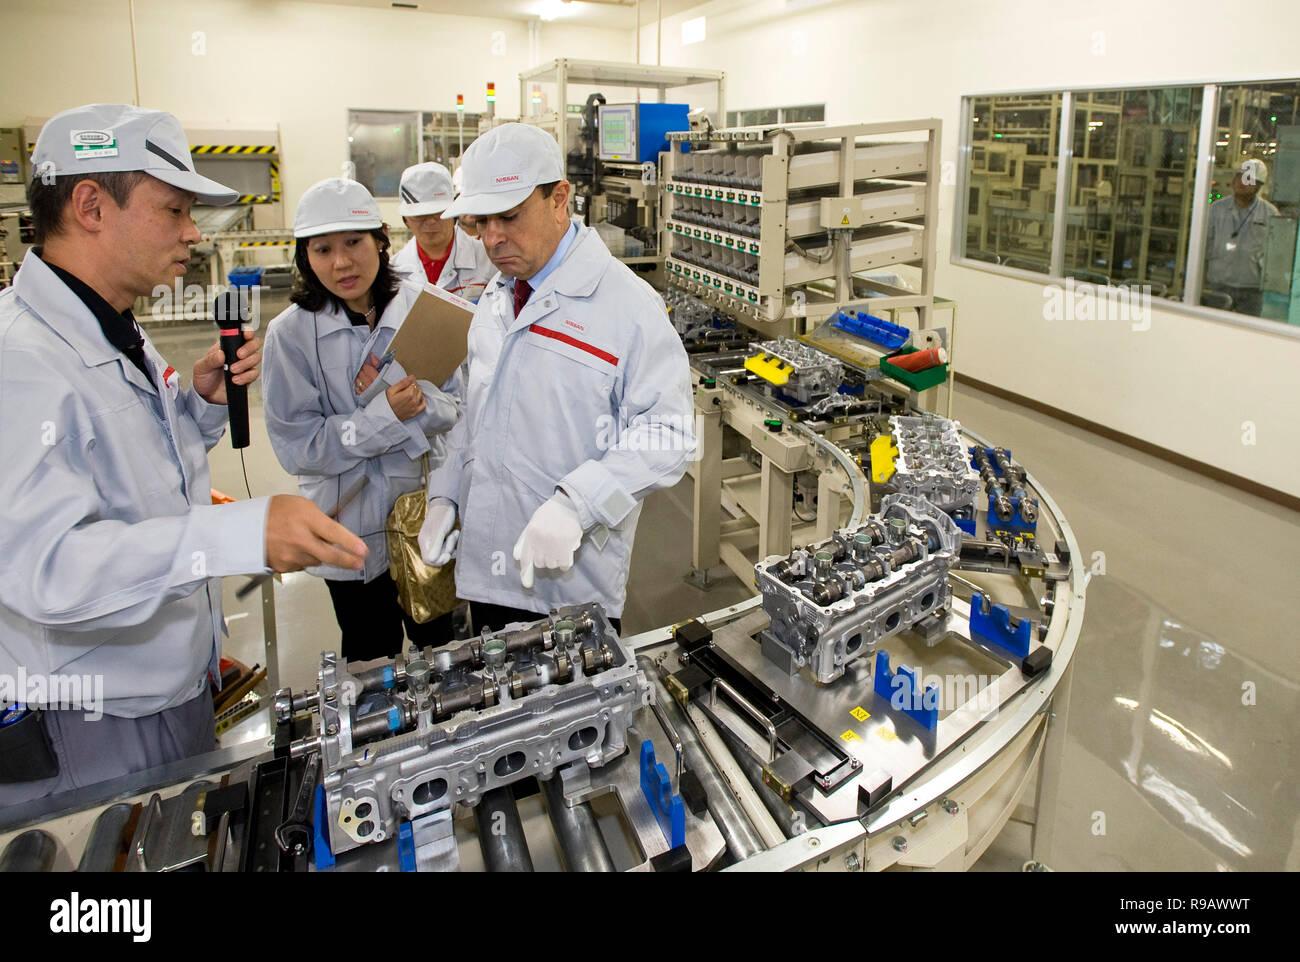 Carlos Ghosn, ex presidente y CEO de Nissan Motor Co., visita una planta de Nissan en Oppama, Prefectura de Kanagawa, Japón, el 22 de octubre de 2009. Ghosn, que f Imagen De Stock